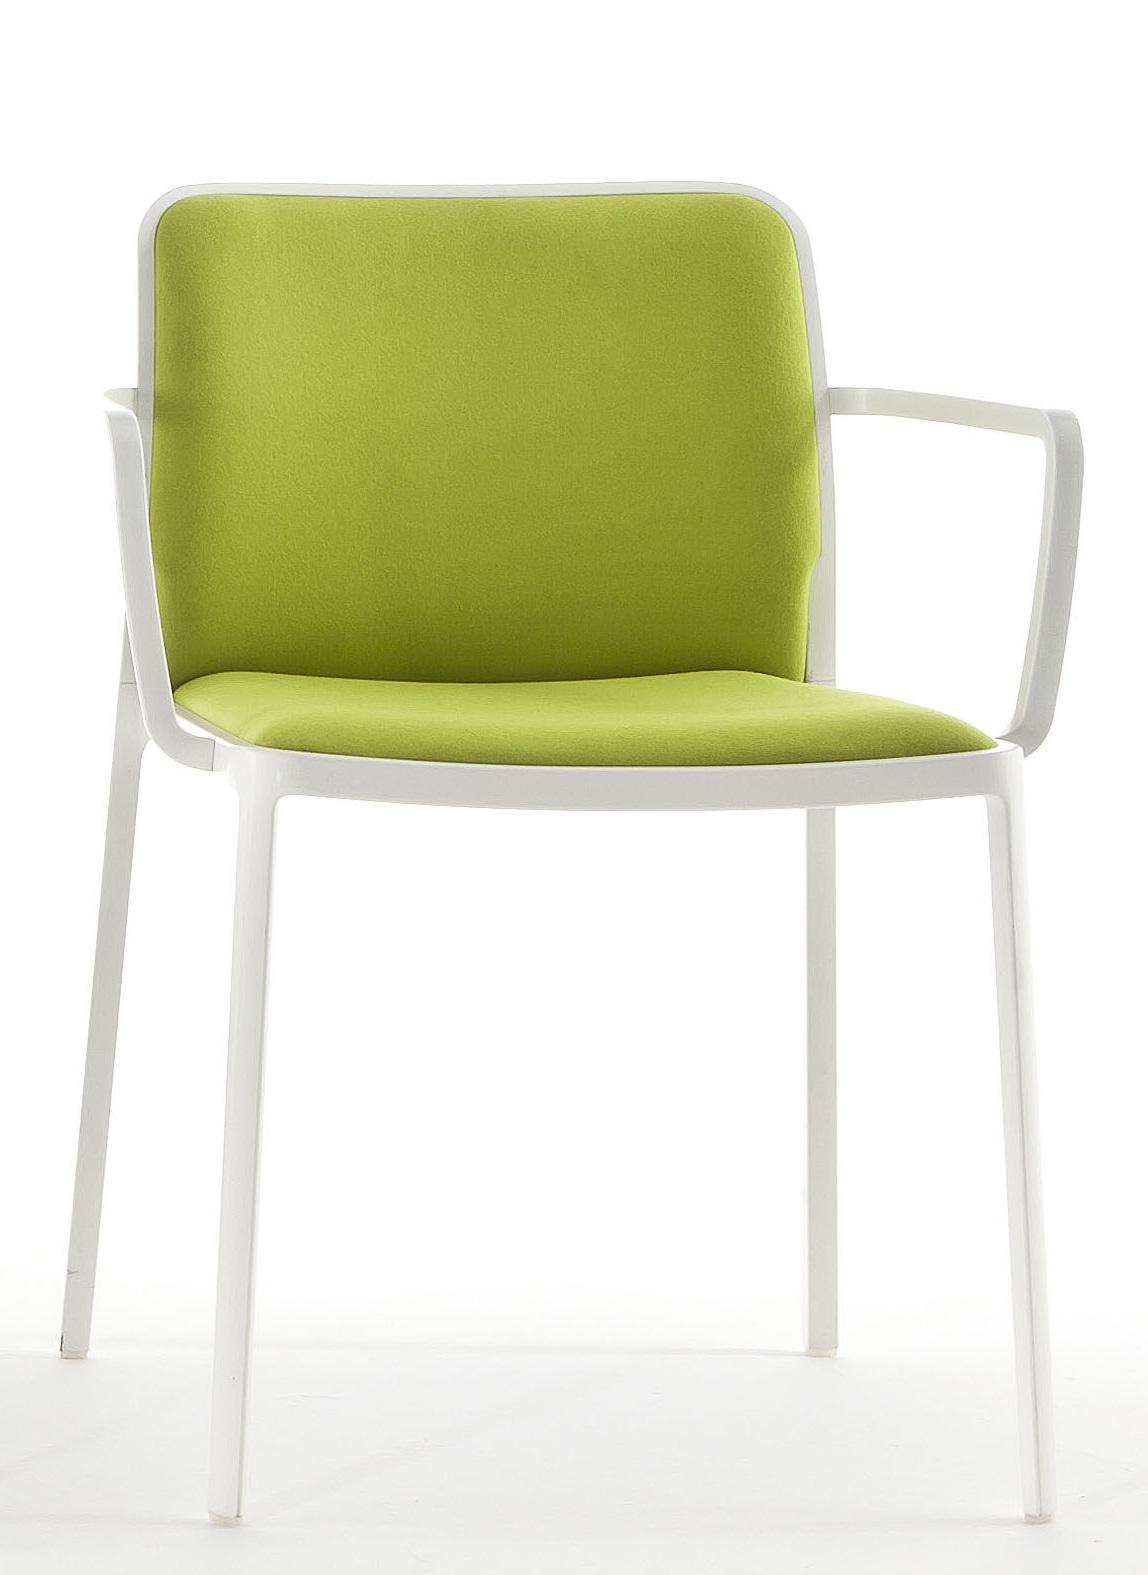 Kartell audrey soft chaise avec bras 2 unit s 5986 for Chaise avec bras